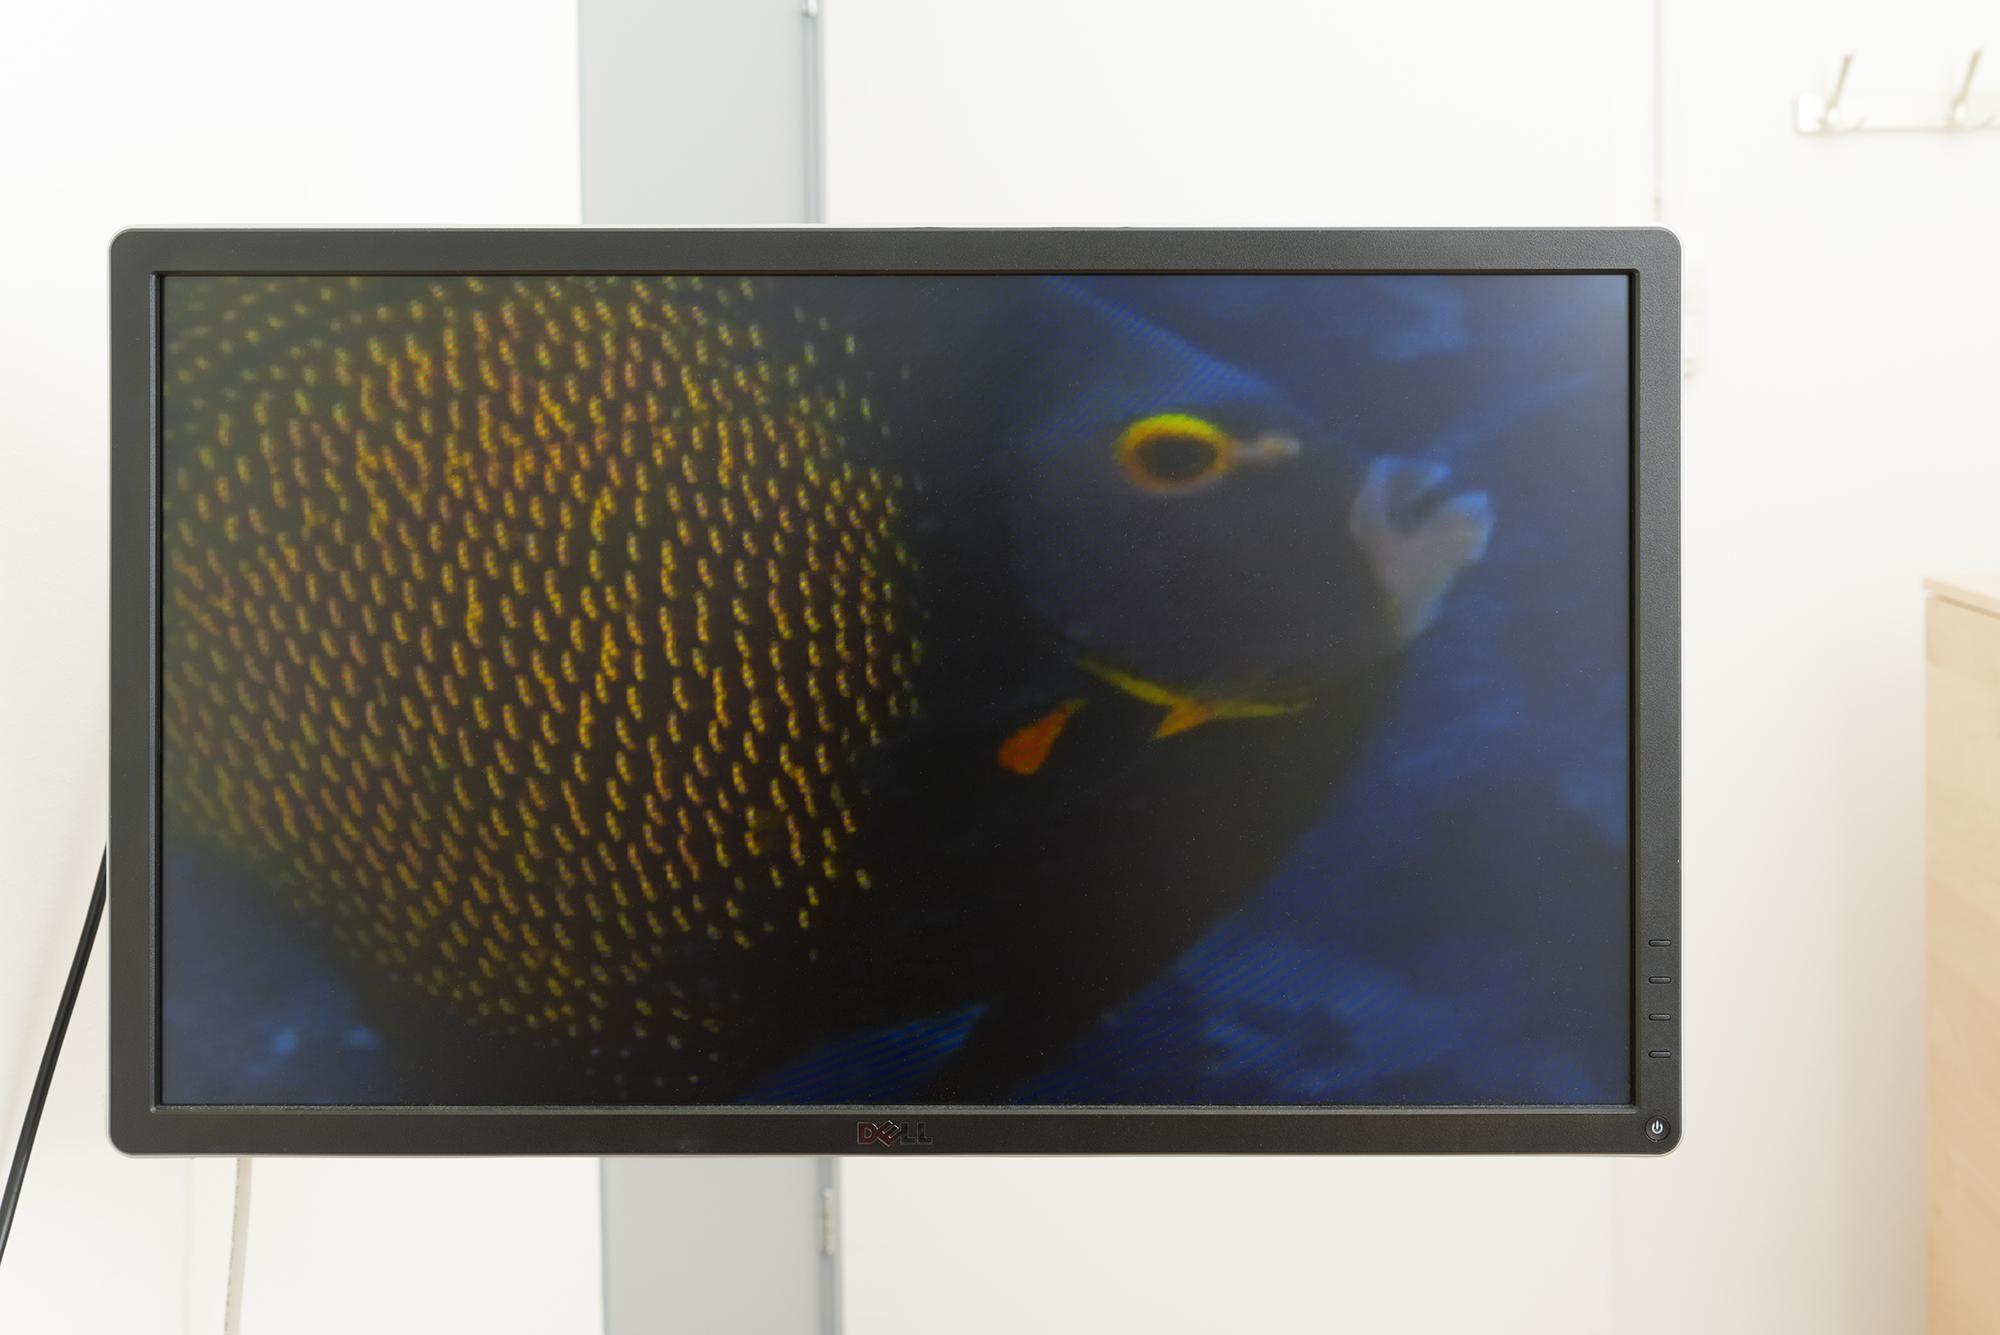 beeldscherm tijdens seksonderzoek, natuurflims worden getoond om af te koelen